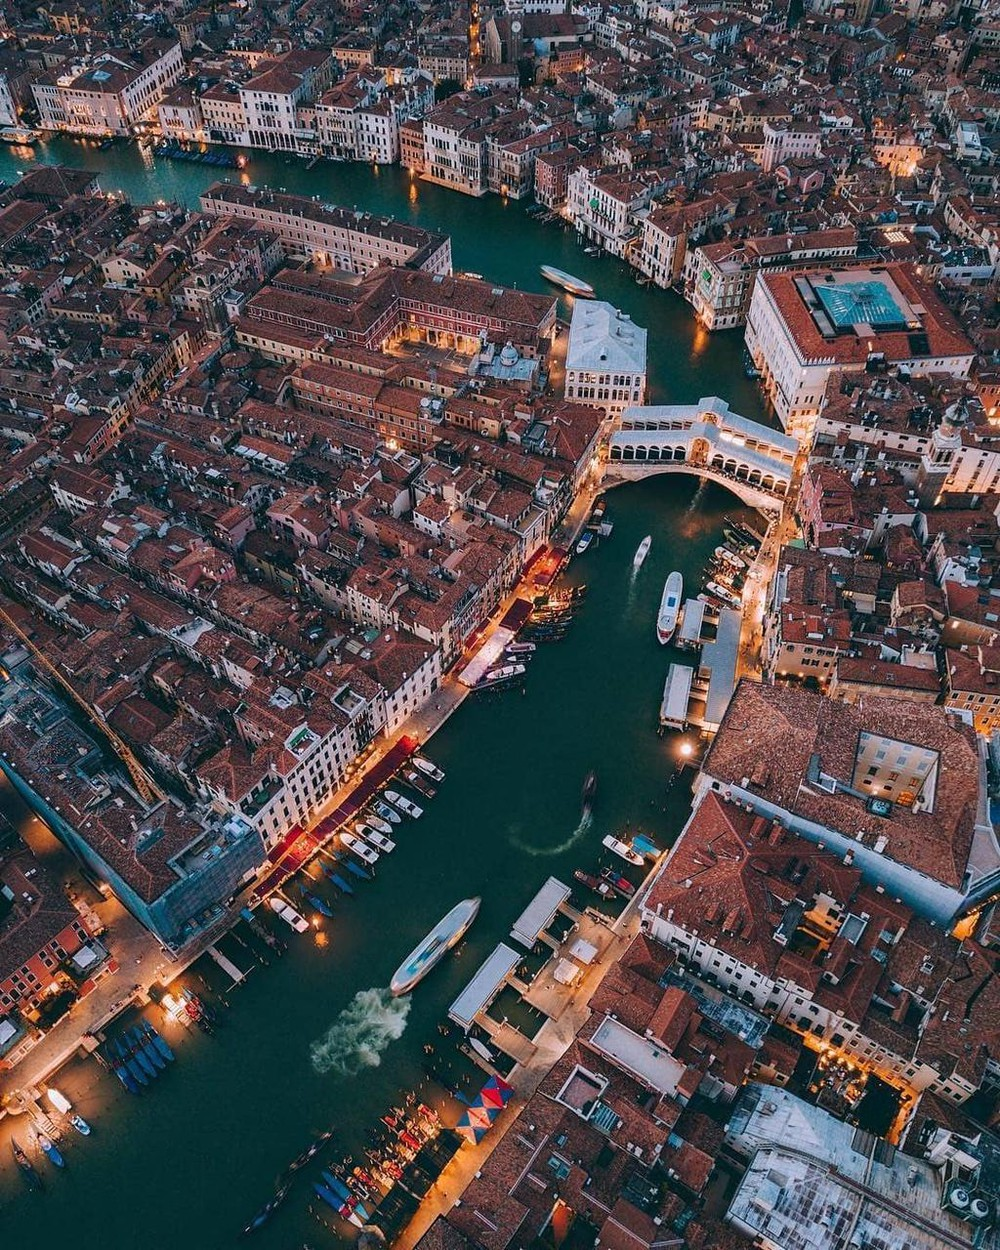 Ảnh kiến trúc độc đáo của Venice nhìn từ trên cao